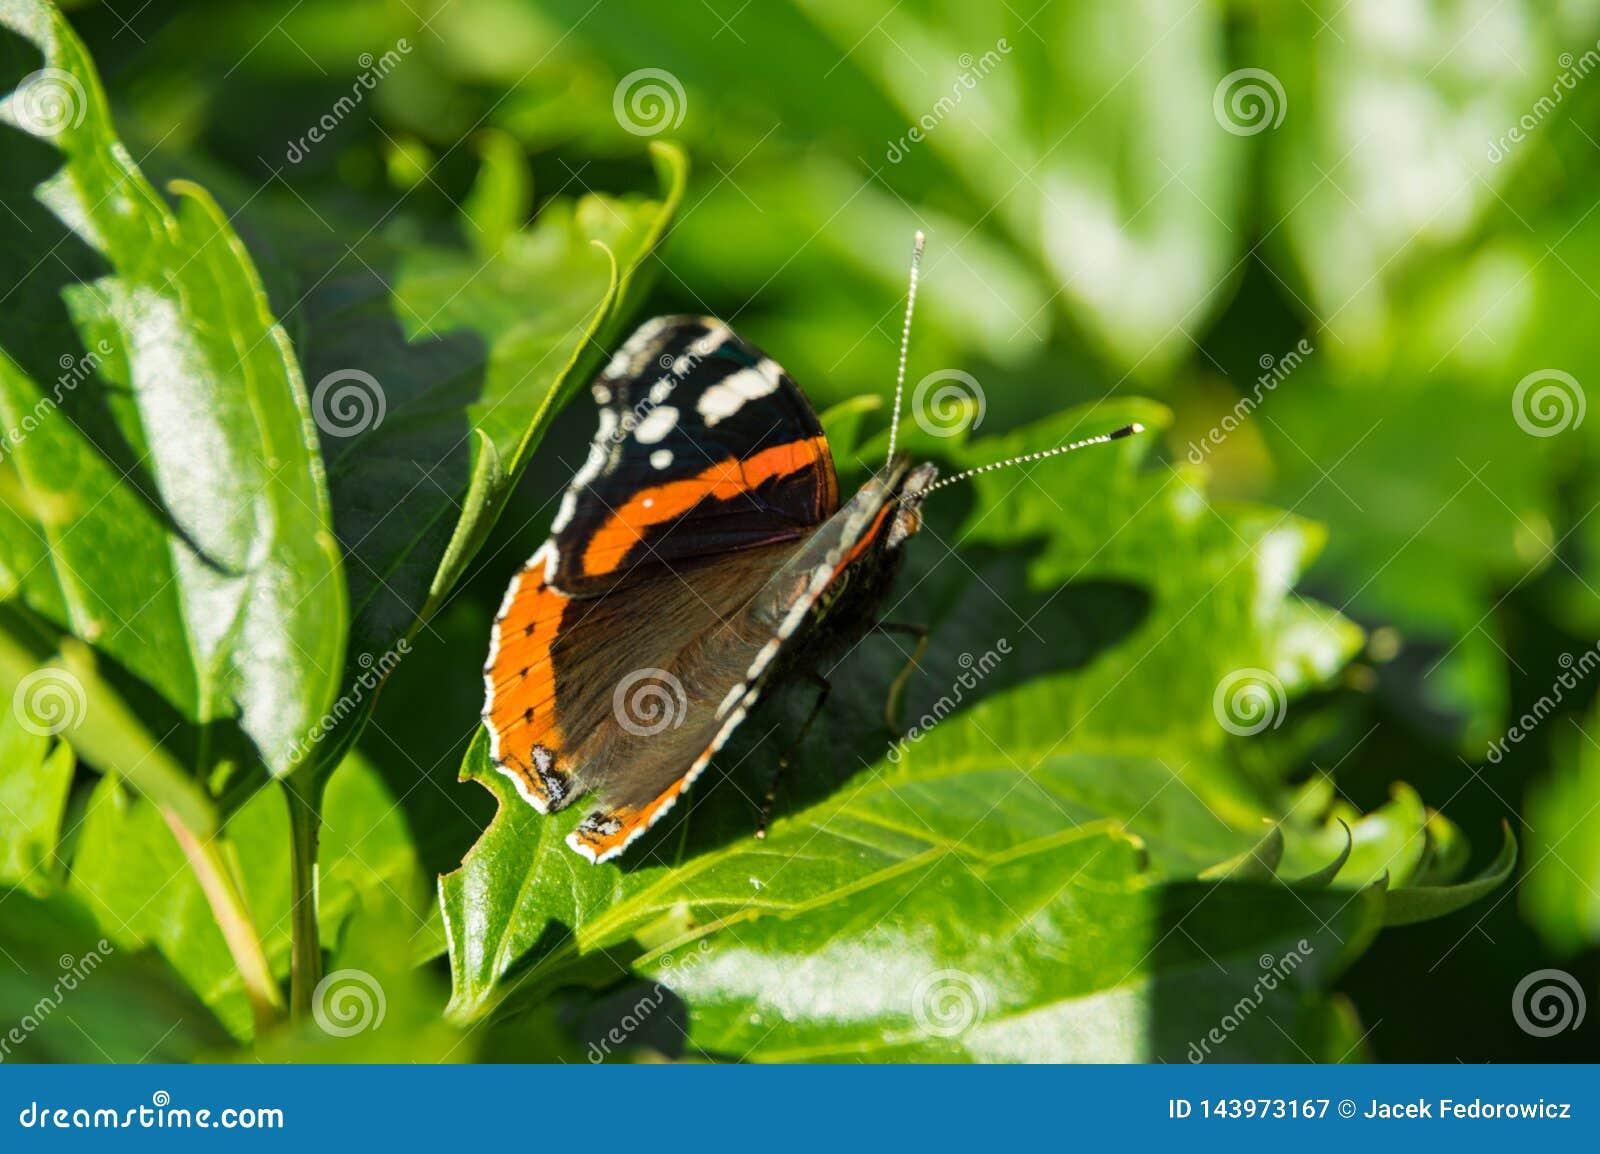 Vlinder dichte omhooggaand op een groen blad